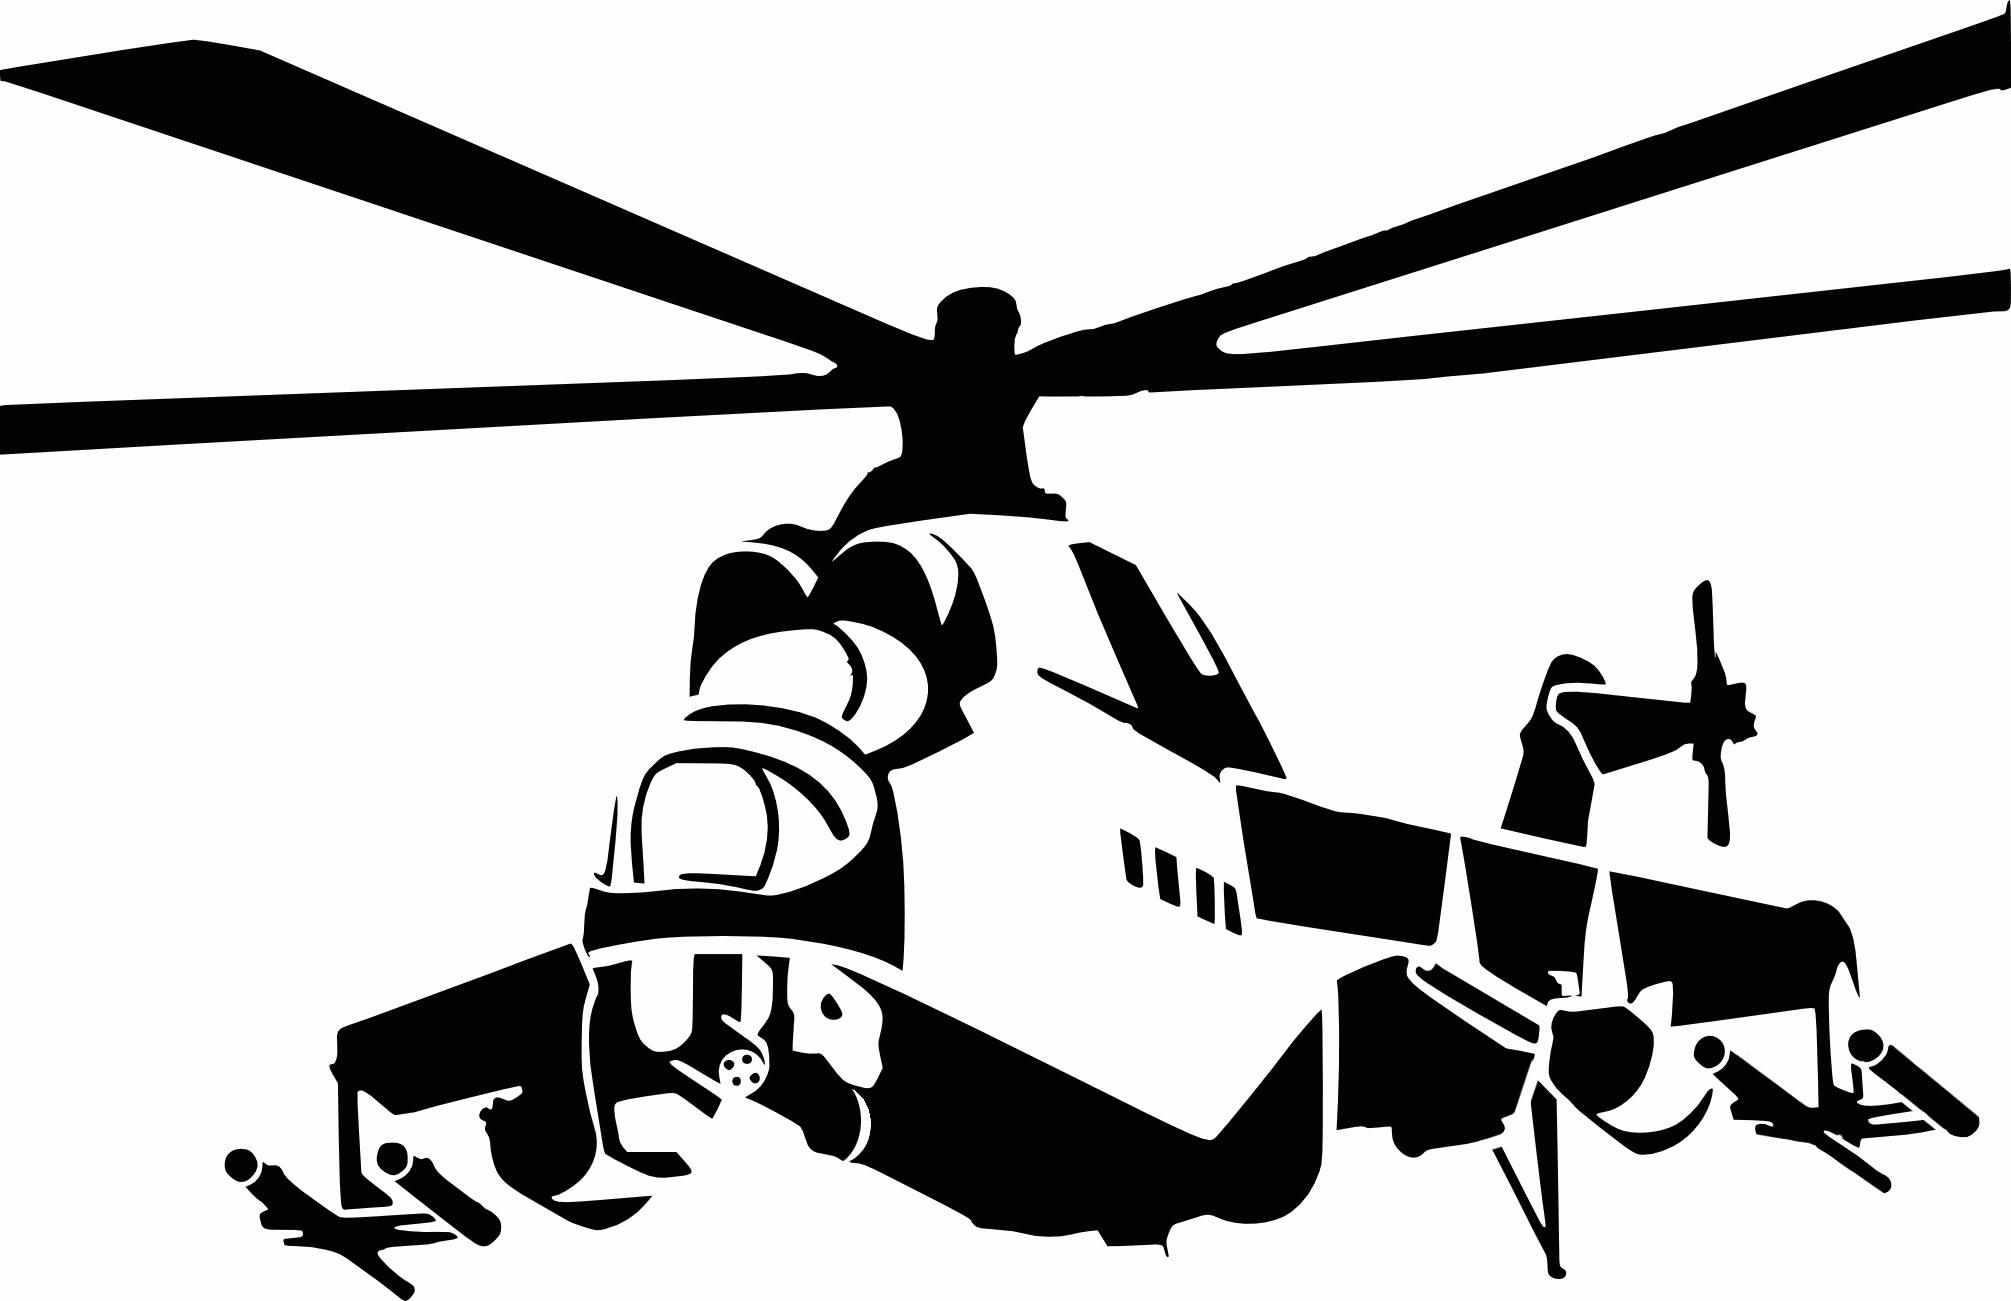 Ak47 Stencil